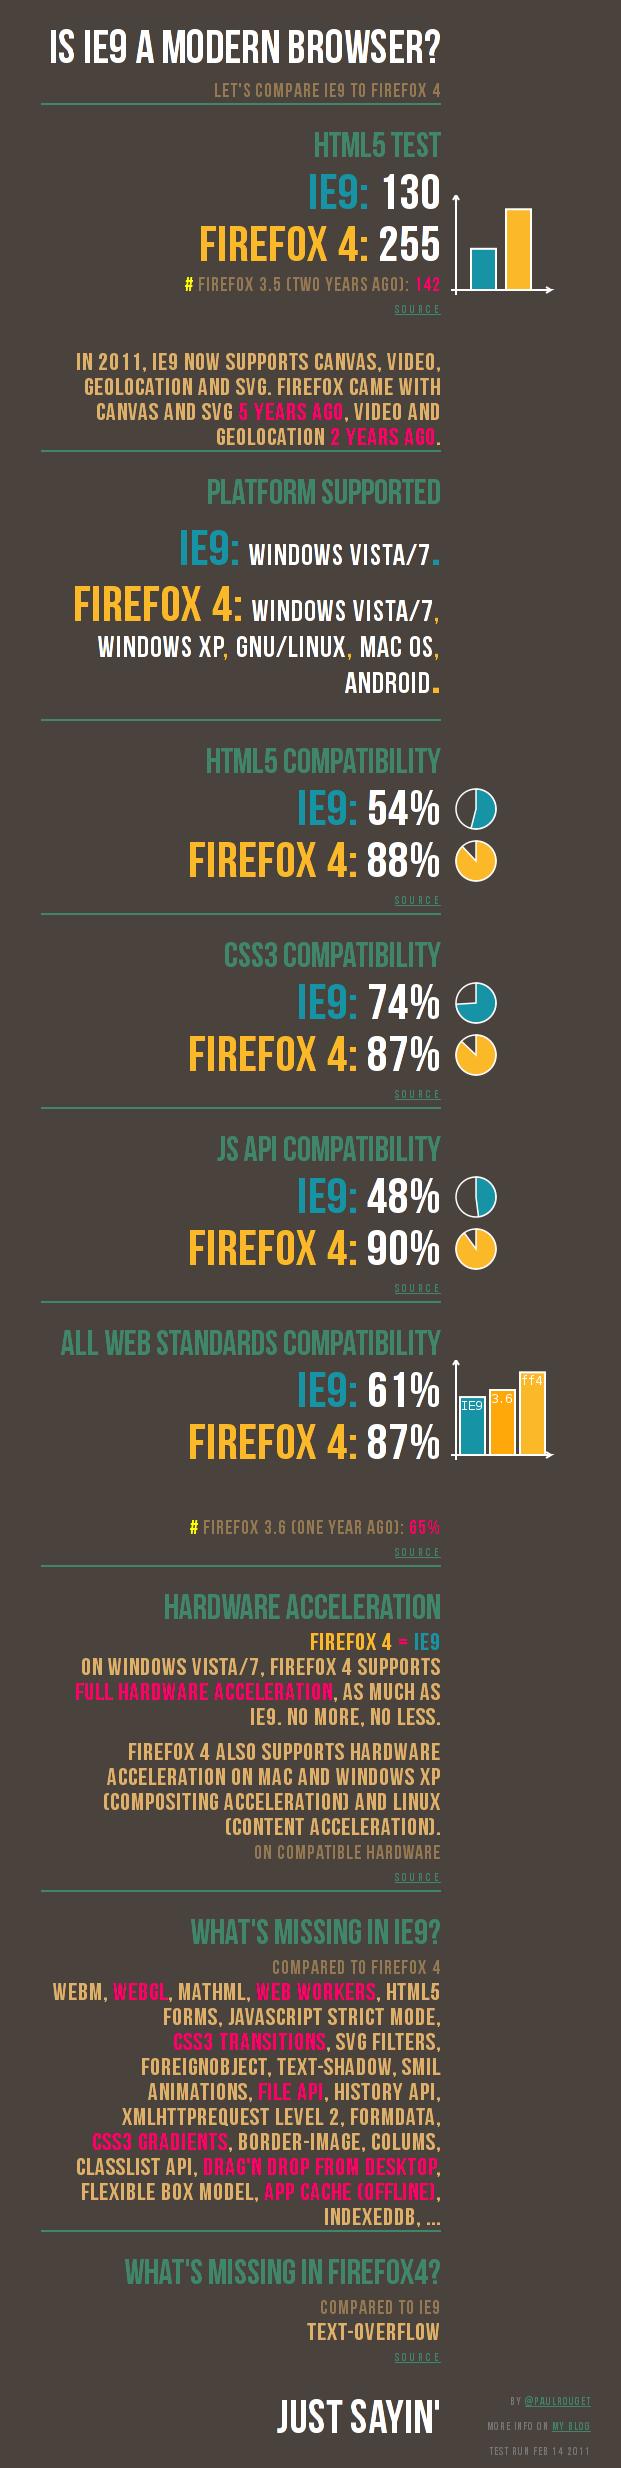 IE9 vs Firefox 4